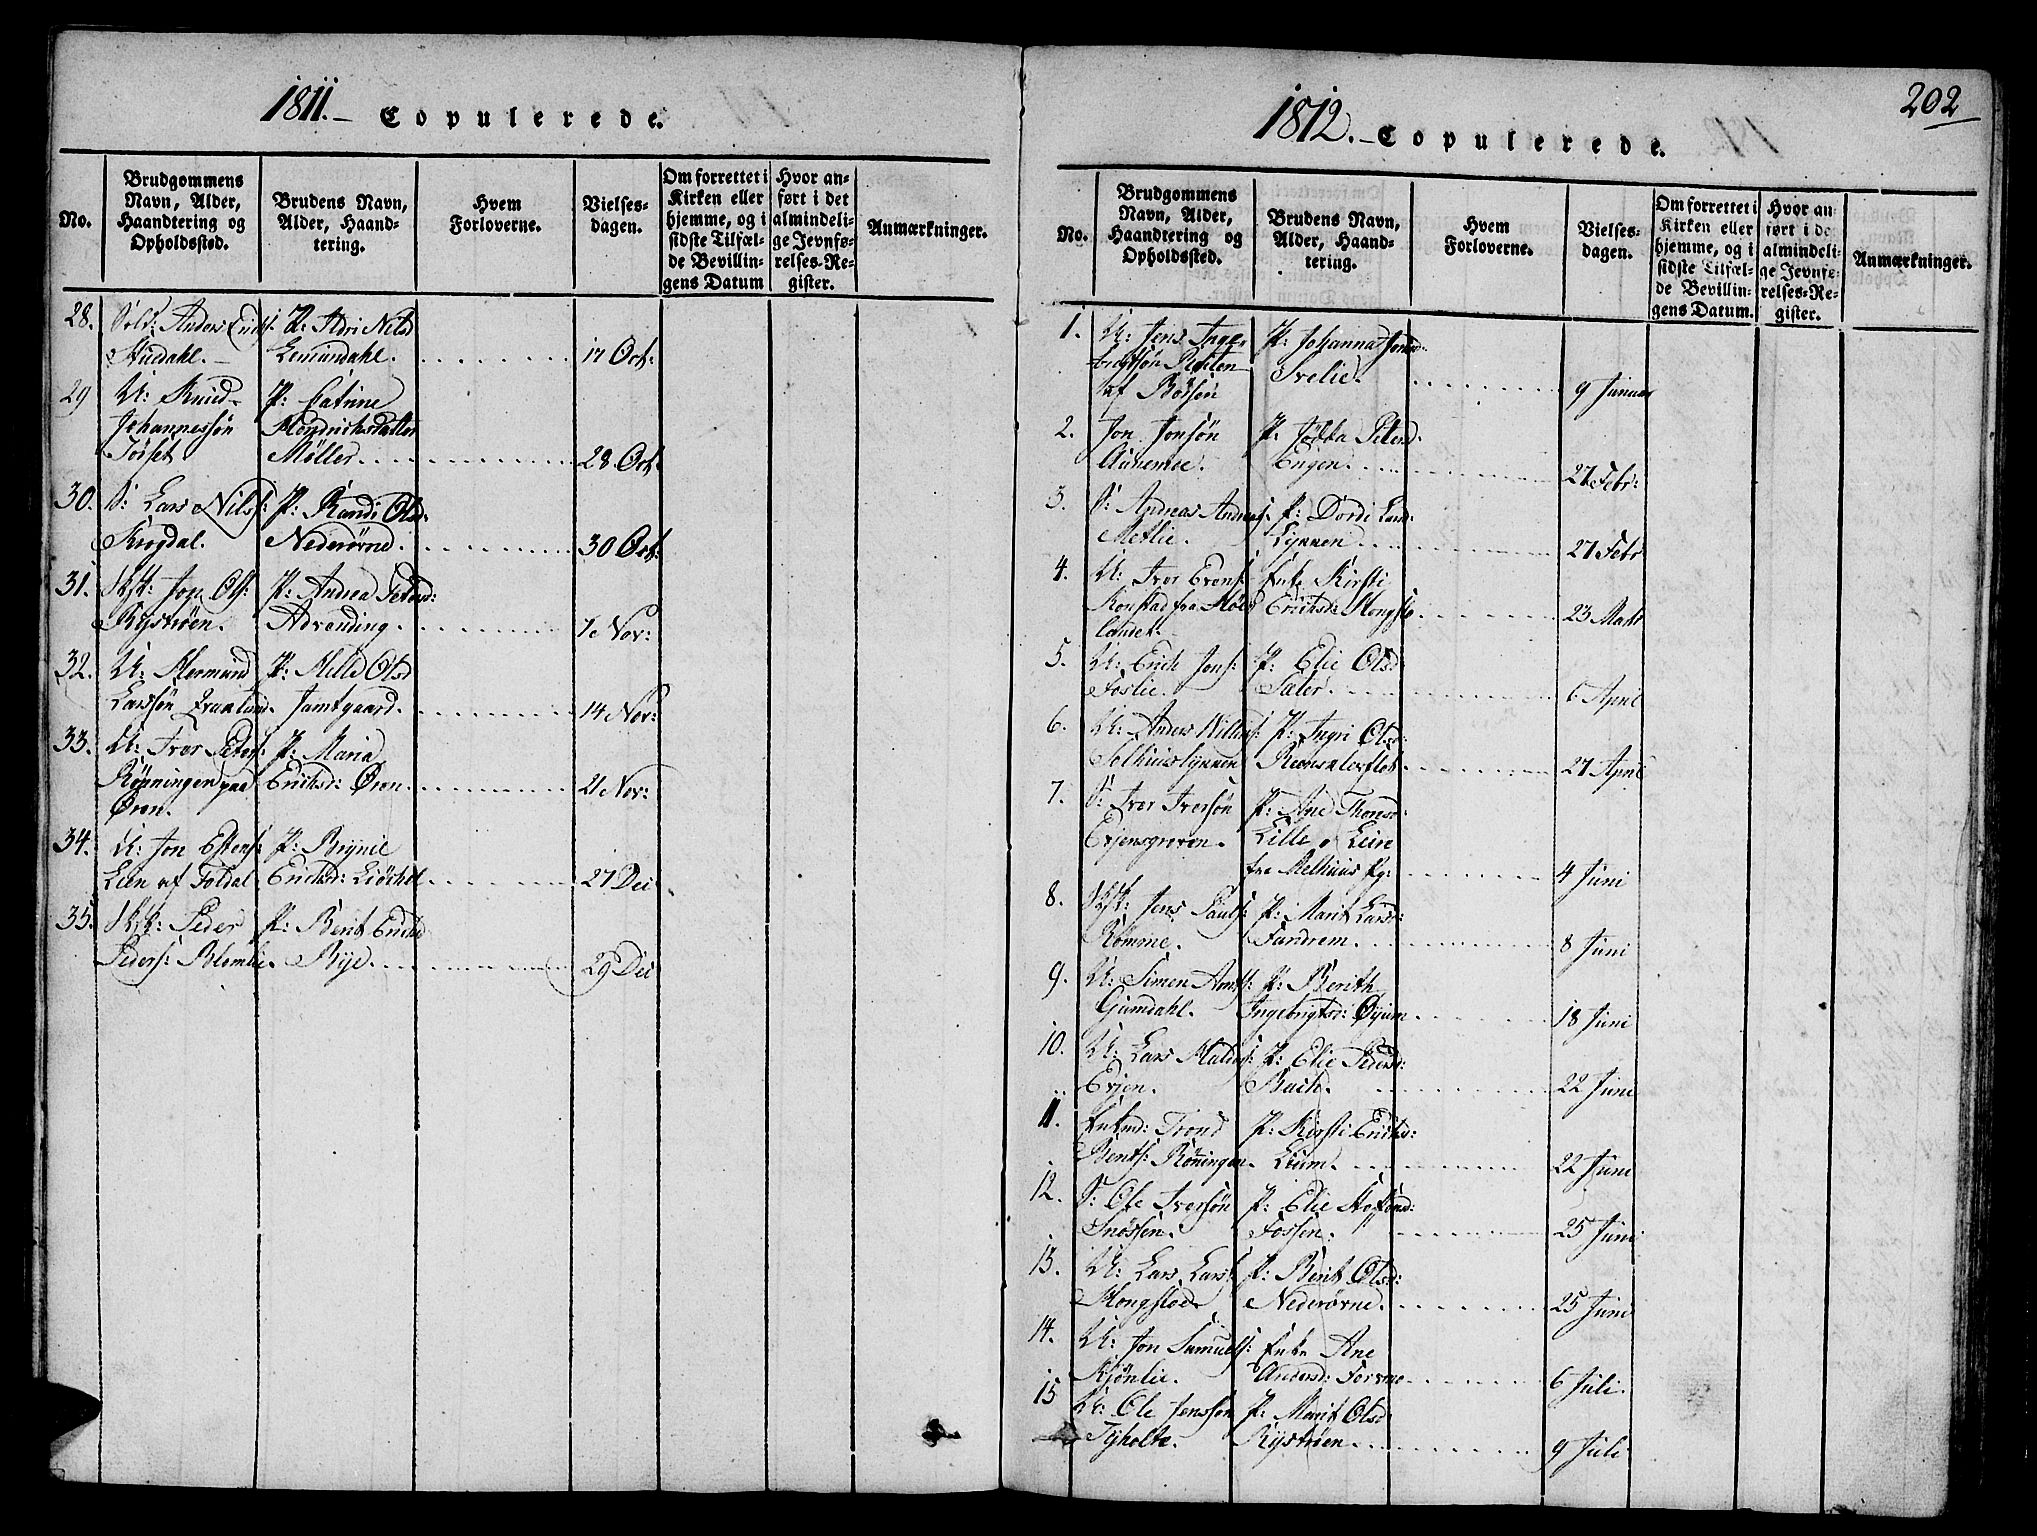 SAT, Ministerialprotokoller, klokkerbøker og fødselsregistre - Sør-Trøndelag, 668/L0803: Ministerialbok nr. 668A03, 1800-1826, s. 202